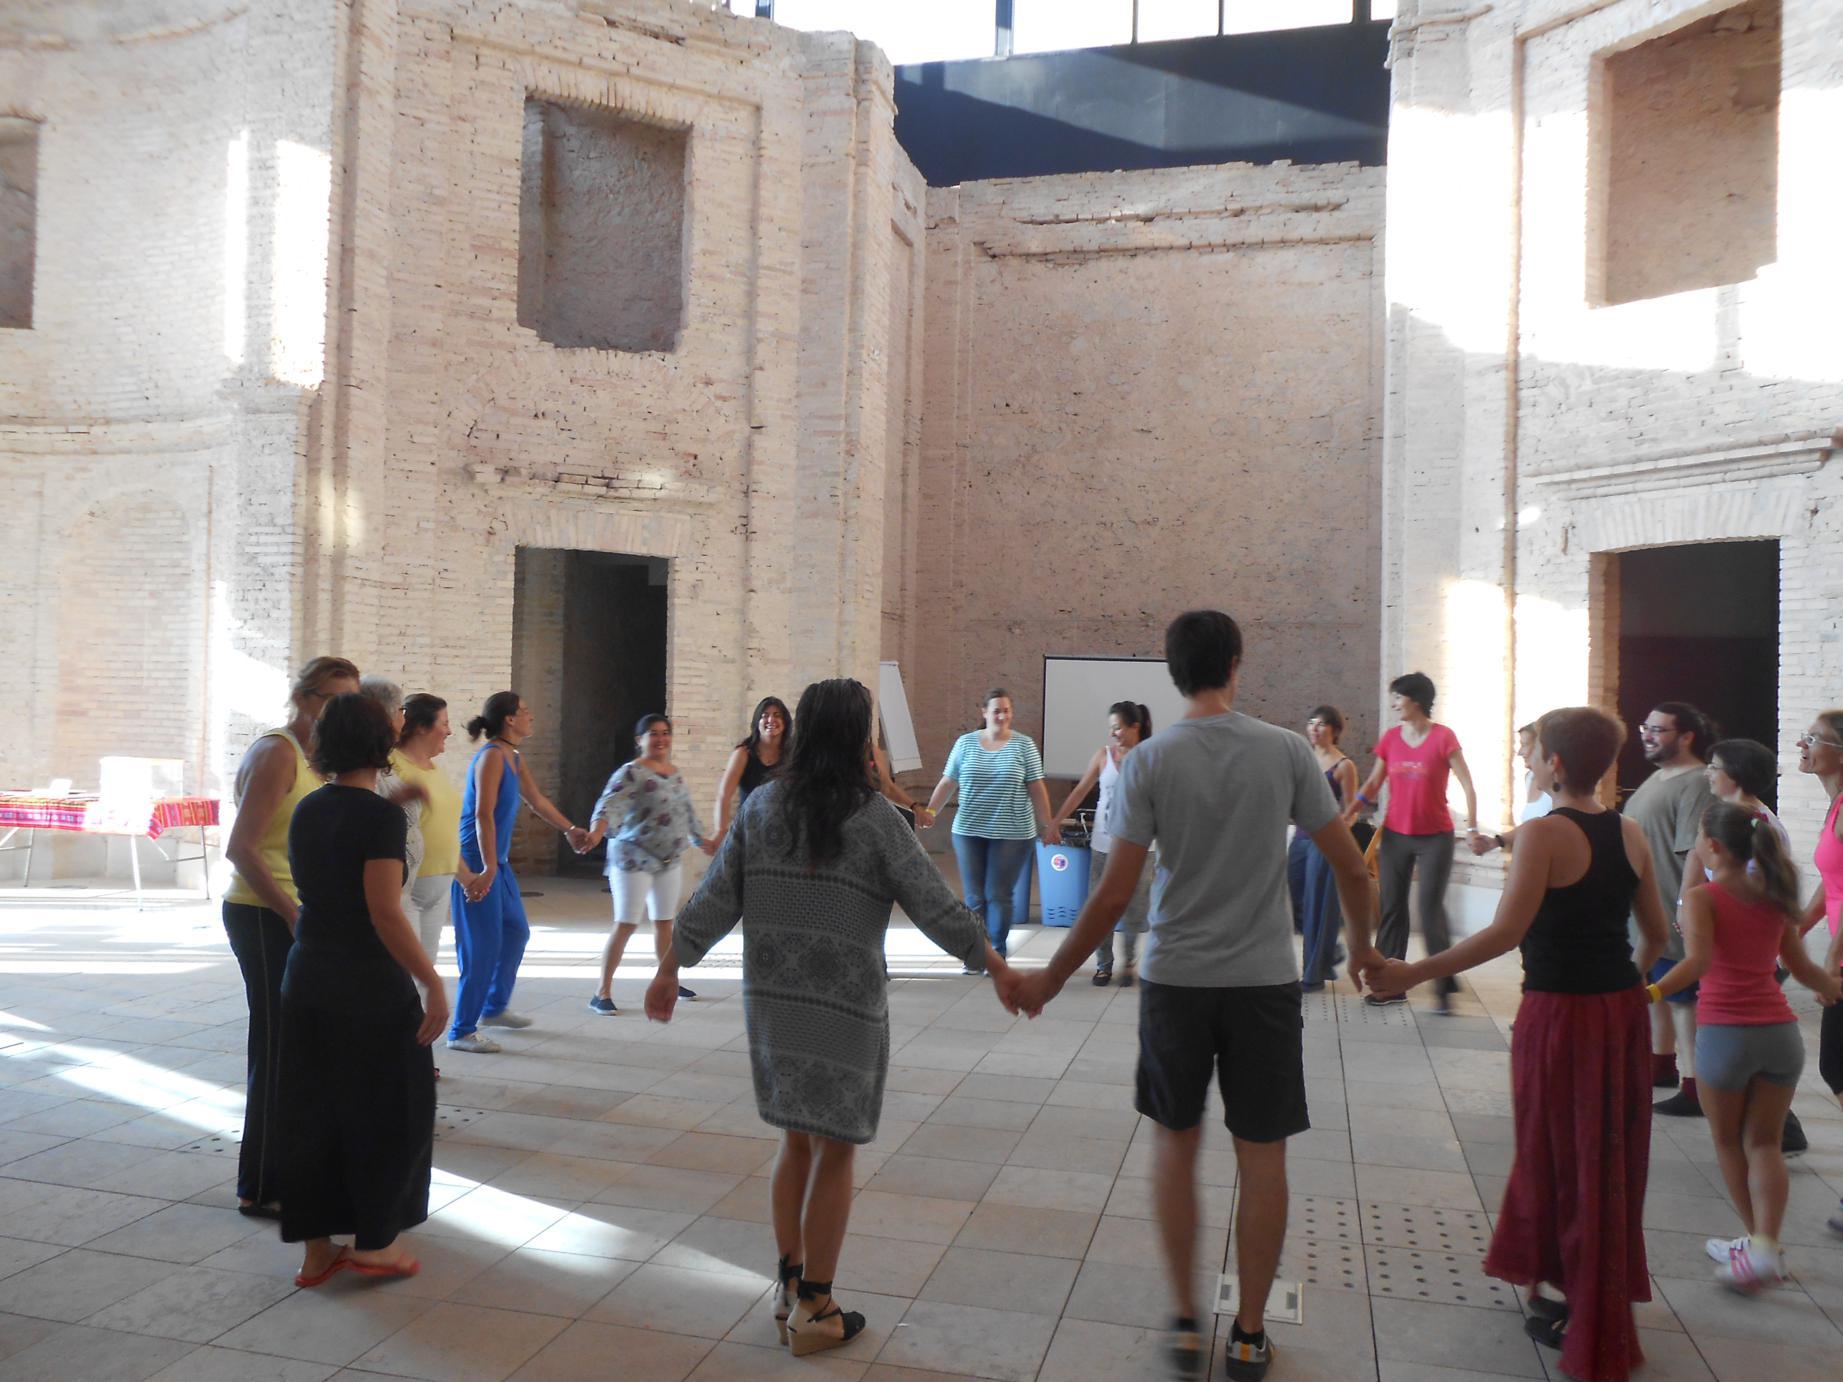 Silvia_Danses circulars_2